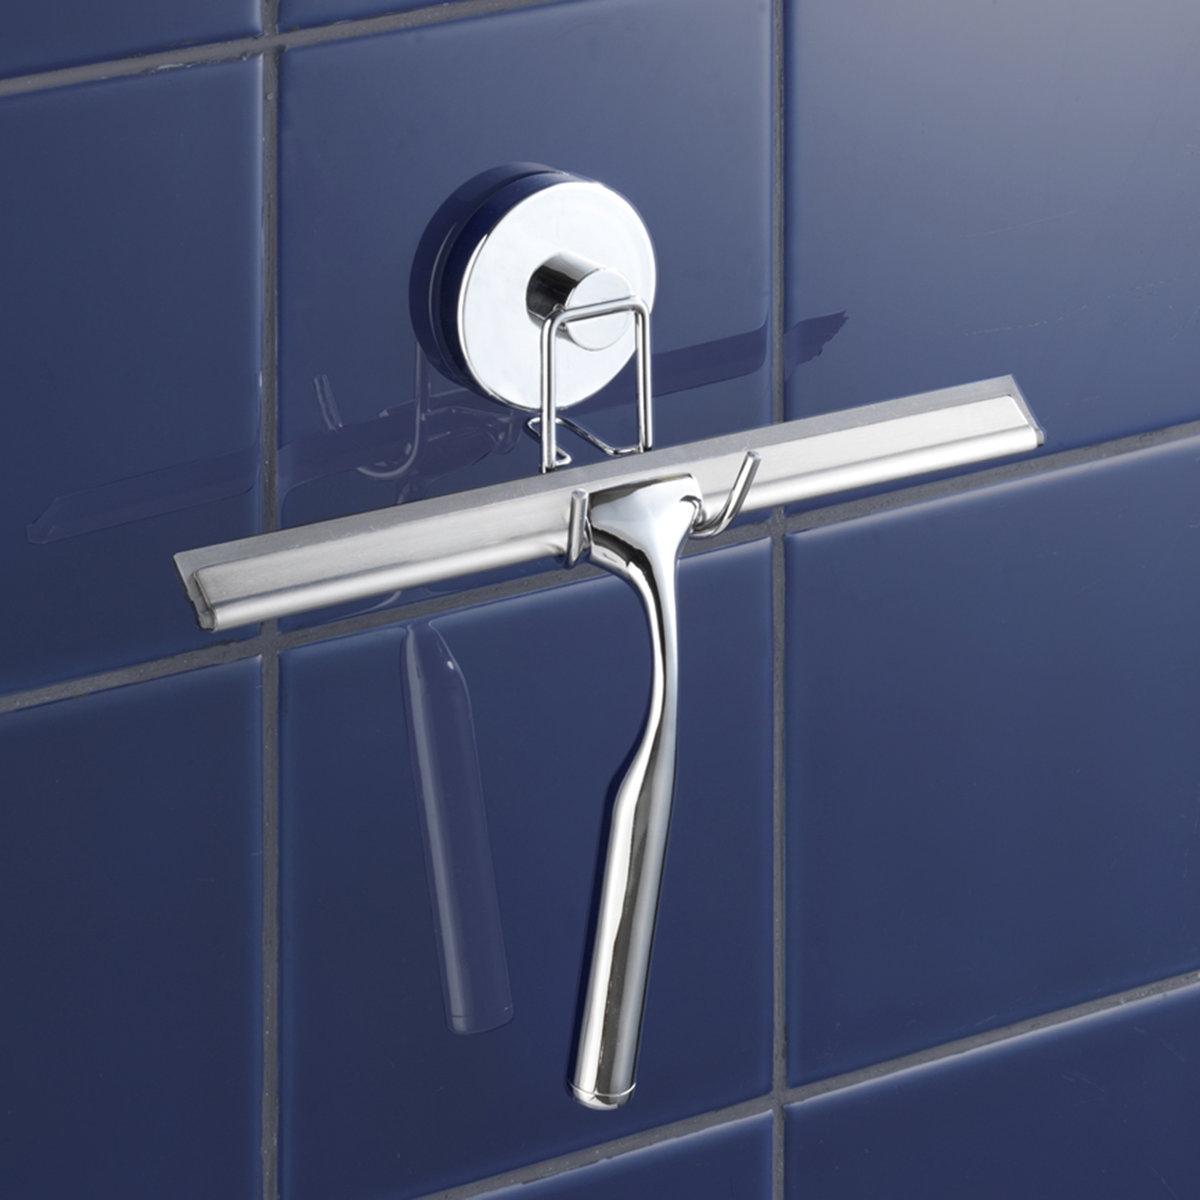 Скребок для перегородки ванной комнаты декоративные перегородки для зонирования комнаты калуга